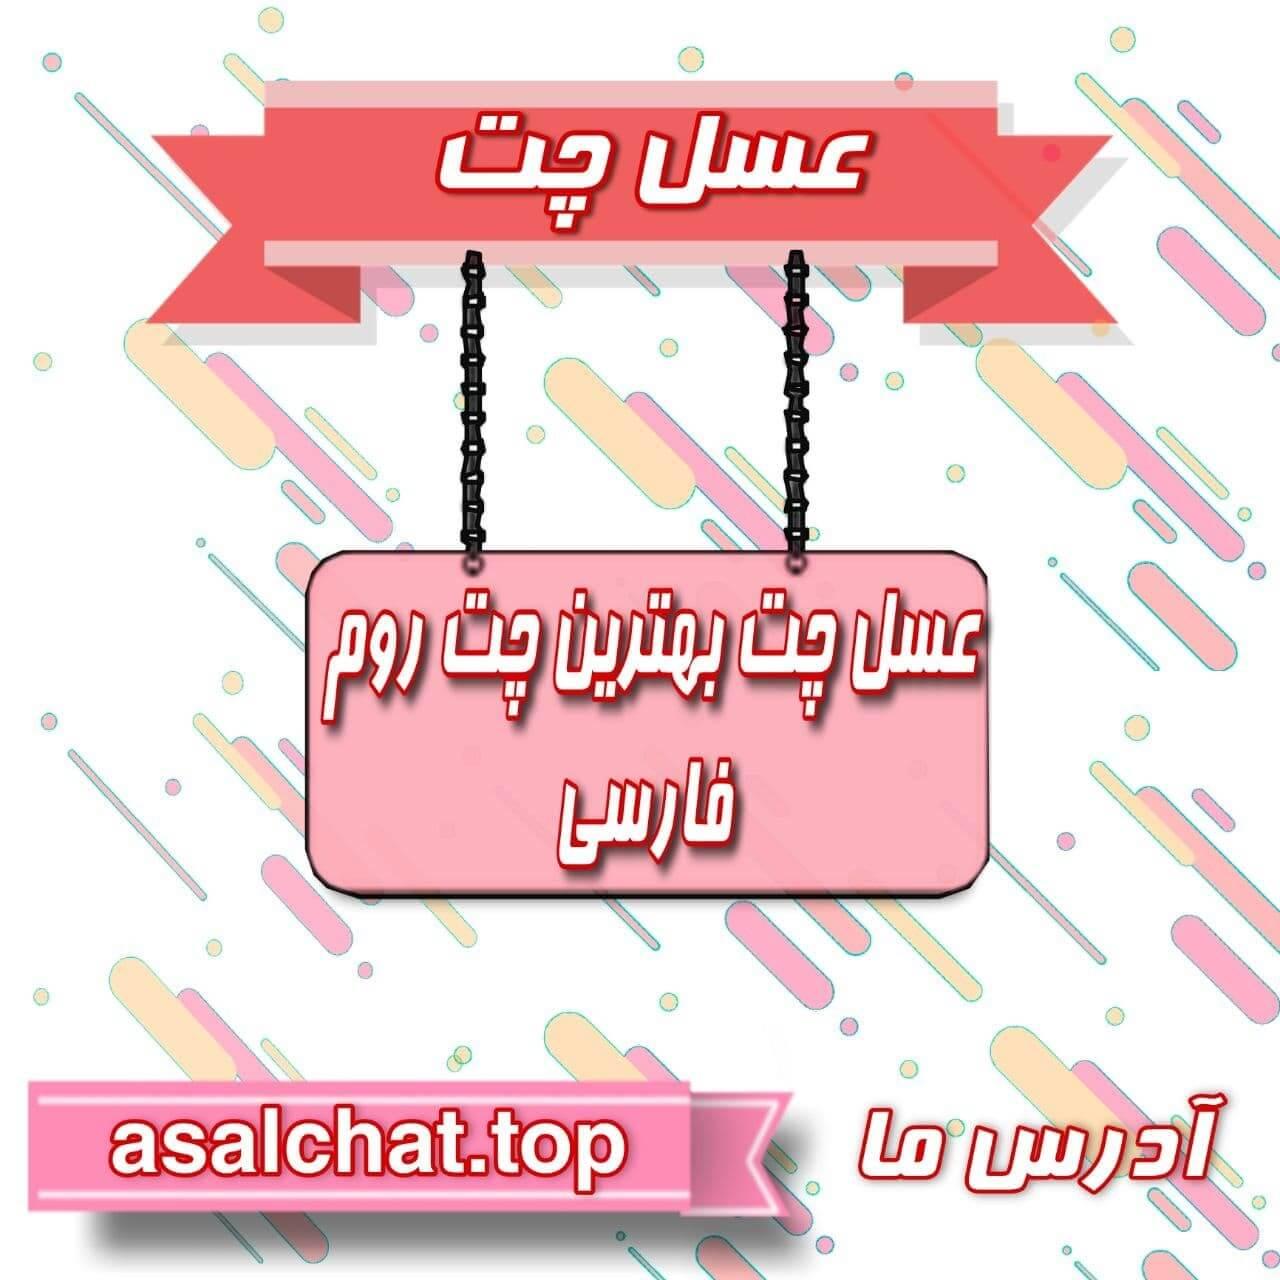 عسل چت : چتروم شلوغ فارسی عسل بهترین چتروم